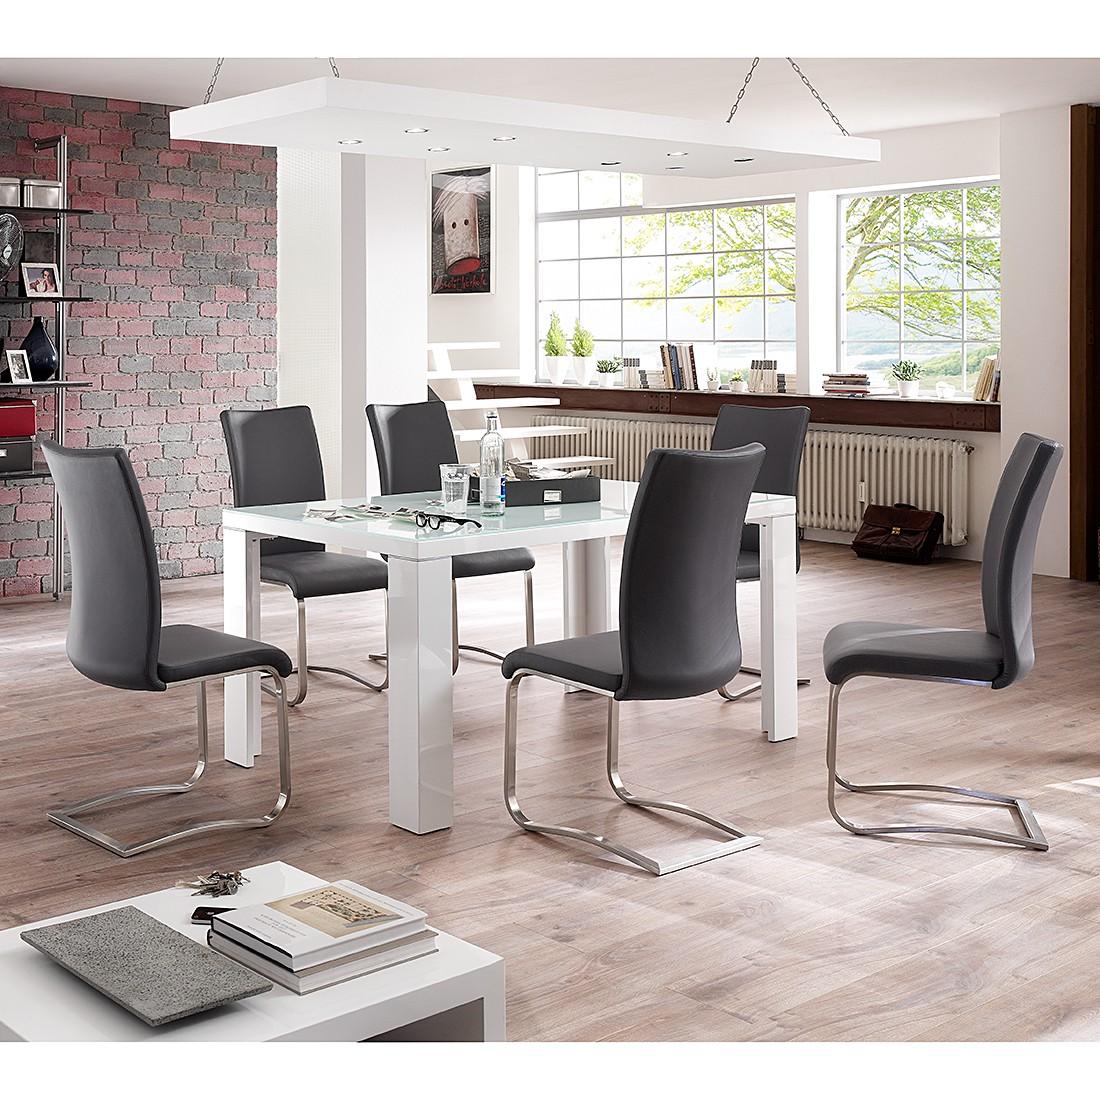 essgruppe weiss preisvergleich die besten angebote. Black Bedroom Furniture Sets. Home Design Ideas